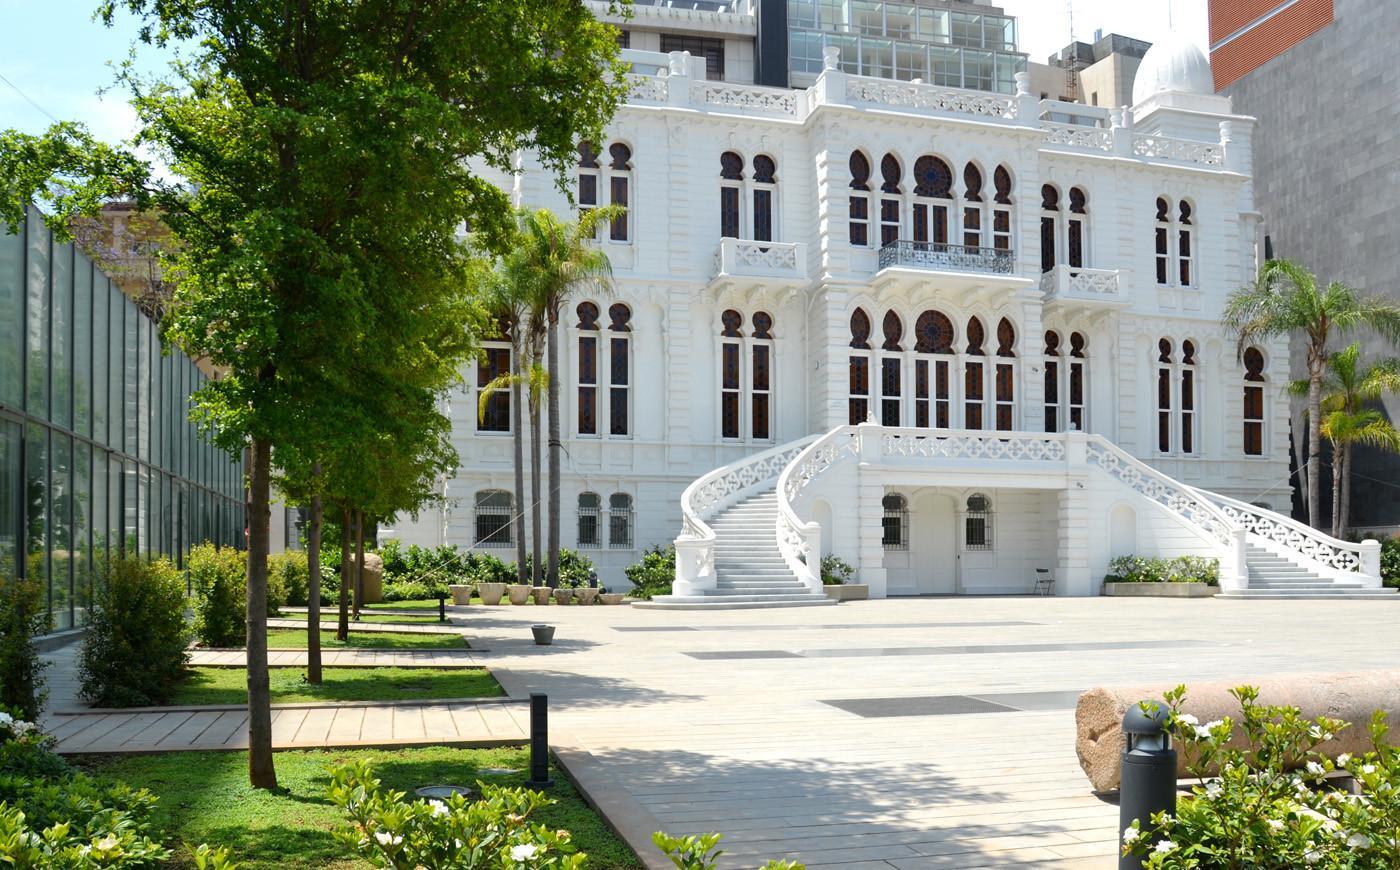 Николас Сурсак построил свой дворец в 1910 году, где разместил собранную коллекцию археологических древностей. Его можно посещать ежедневно с 10:00 до 13:00 и с 16:00 до 19:00 бесплатно. После смерти владельца в 1952 году дворец был передан в муниципалитет Бейрута, чтобы стать музеем современного искусства, как упомянуто в завещании. Одним из условий было то, что мэр Бейрута будет руководителем музея.